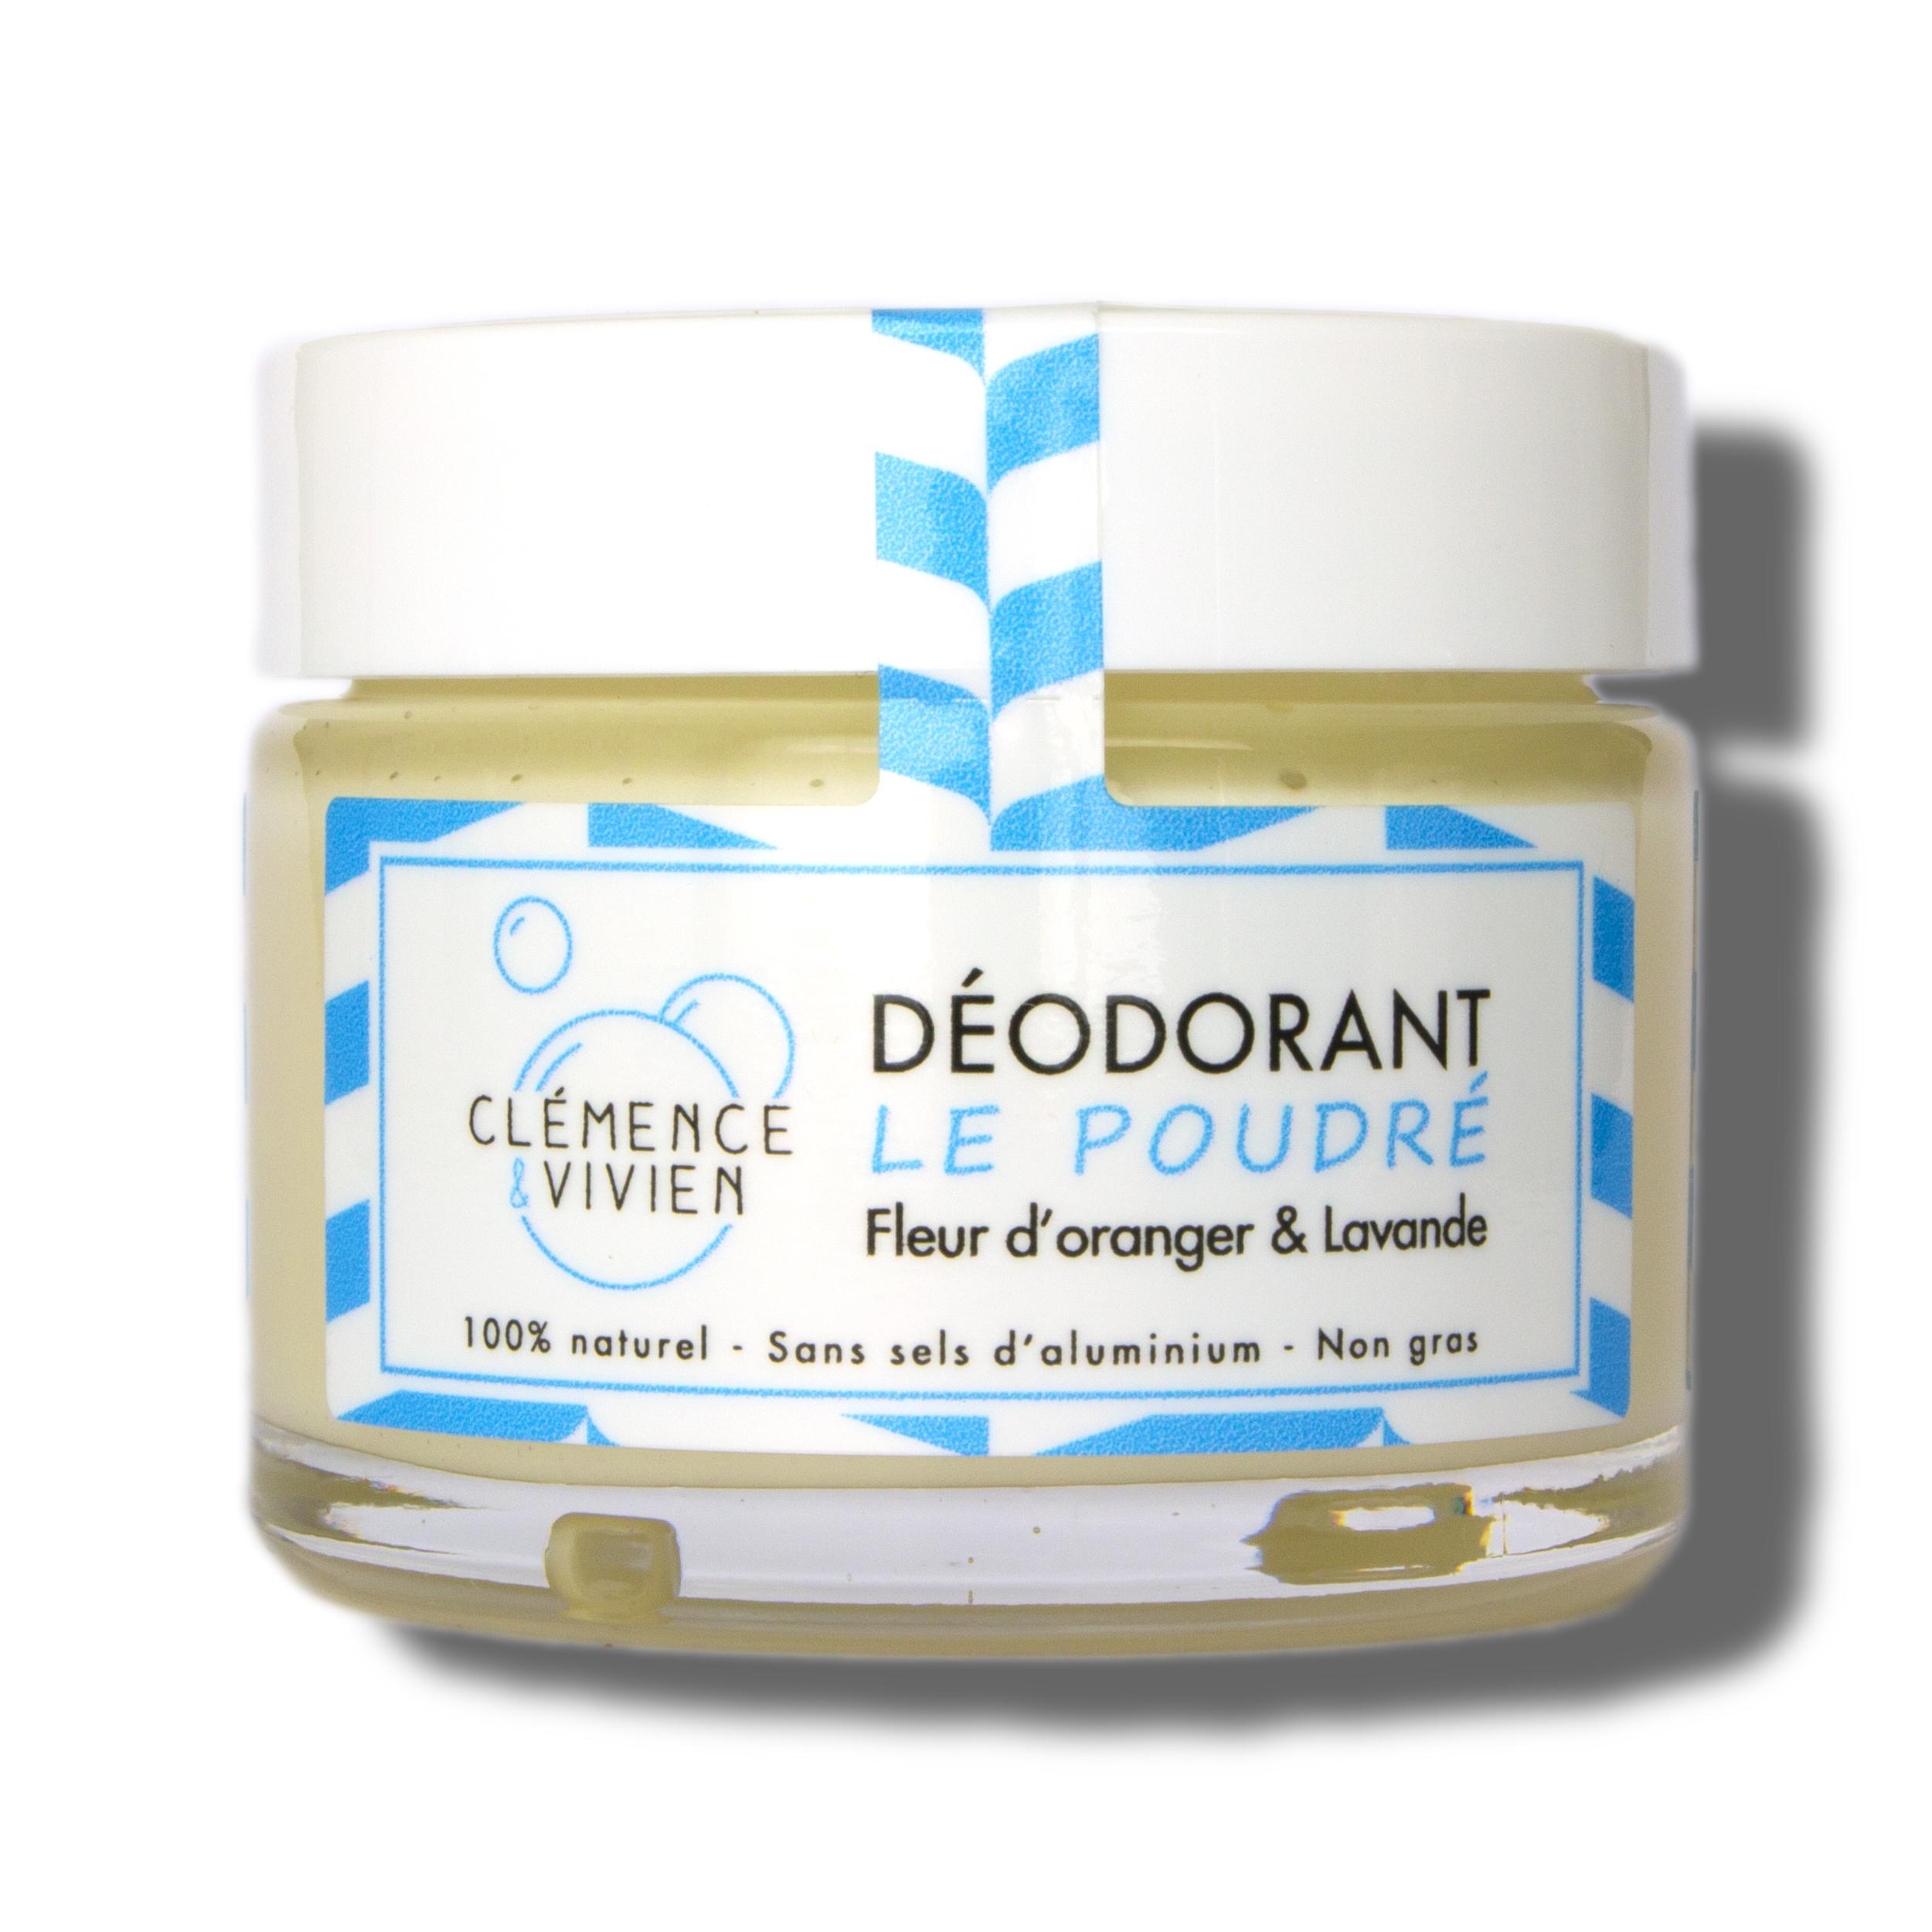 deodorant-poudré-clemence-et-vivien